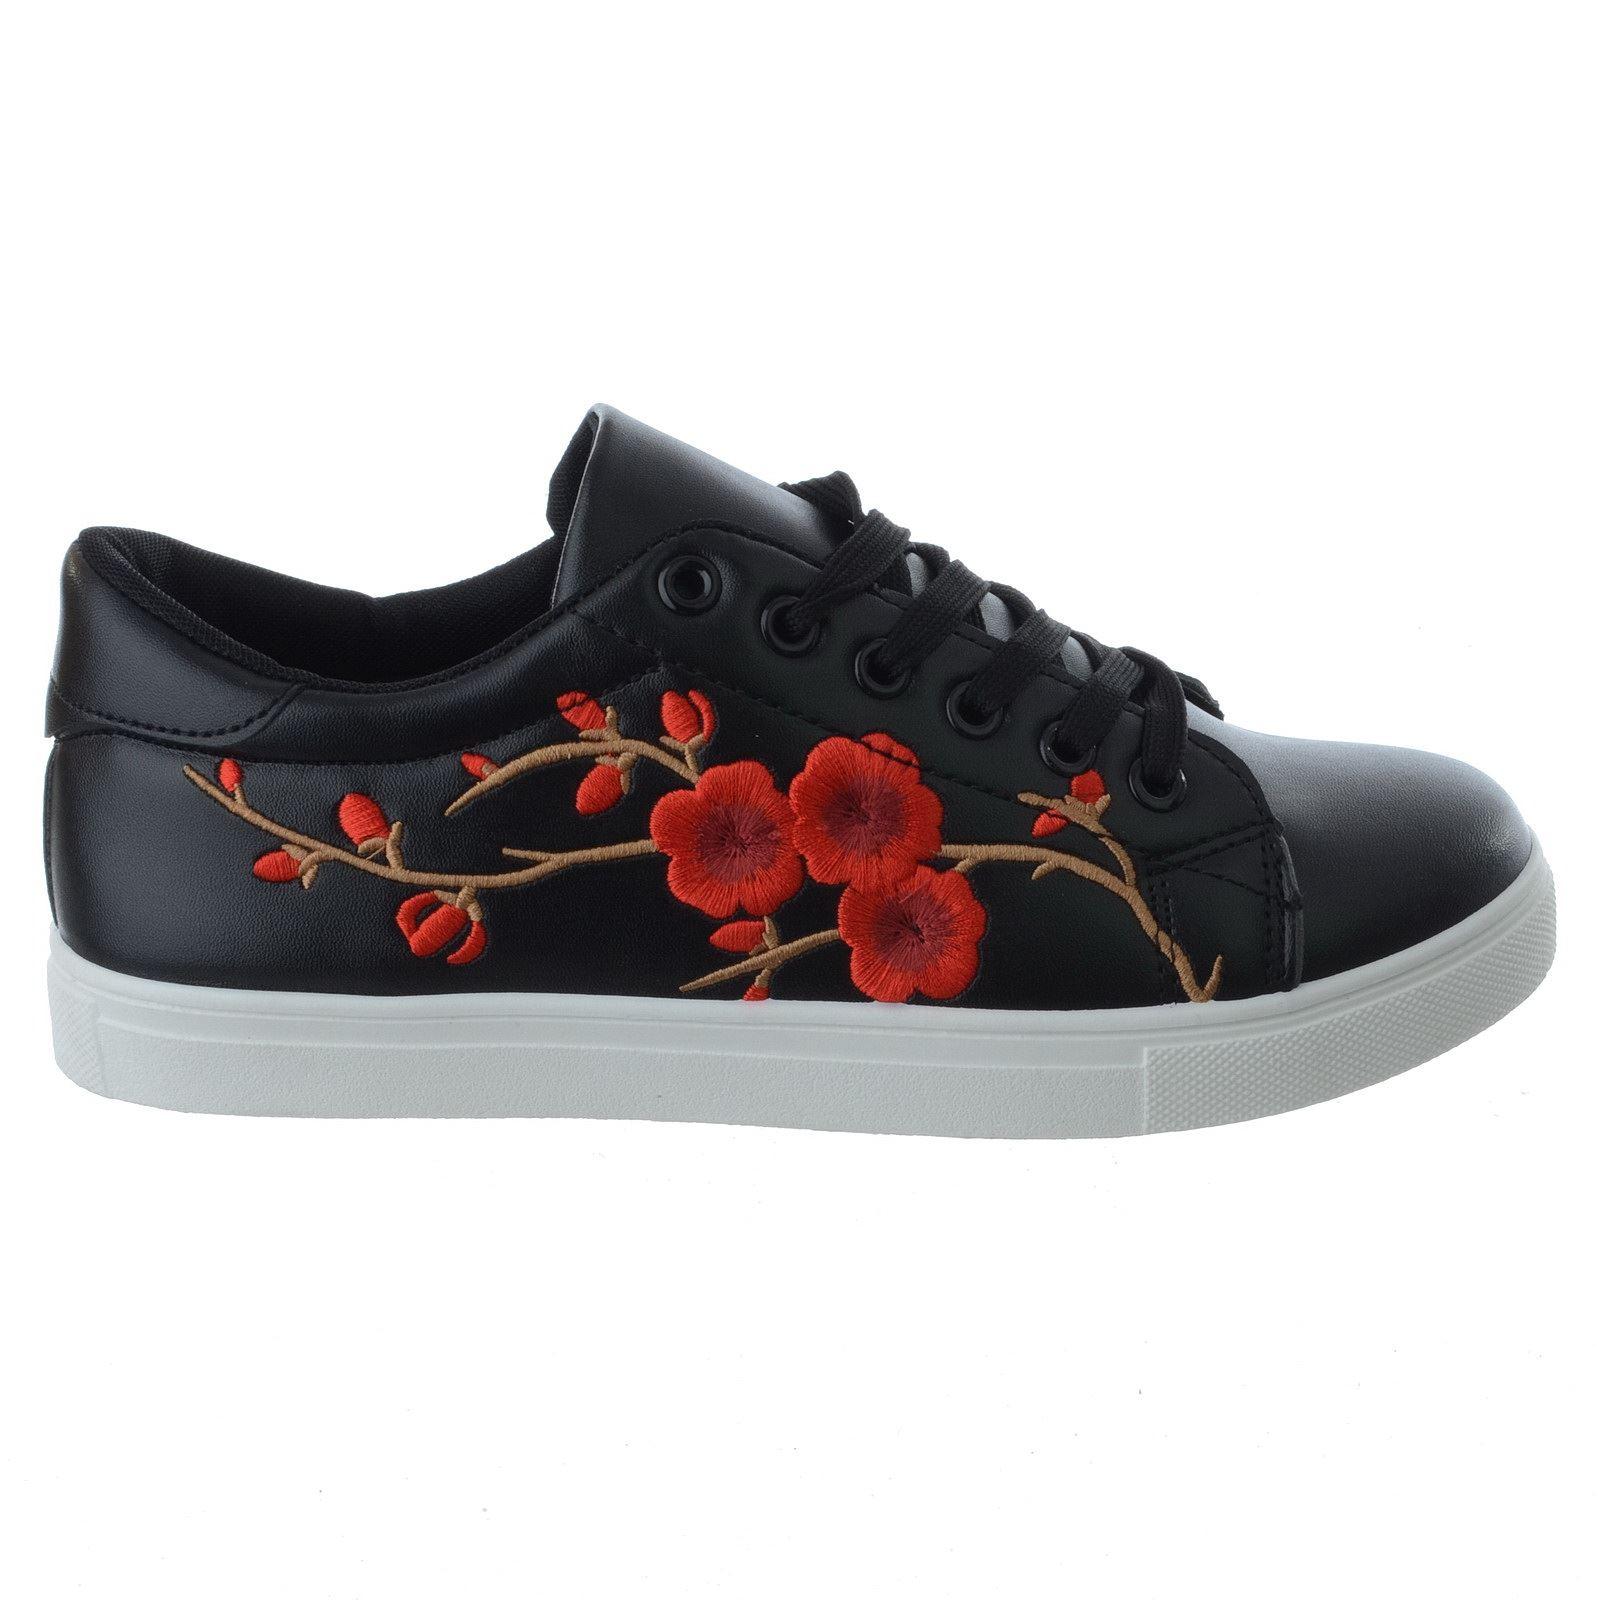 Mujeres Floral Bordado plano con Cordones Entrenadores Bombas Zapatos Deportivos Tamaño De Damas